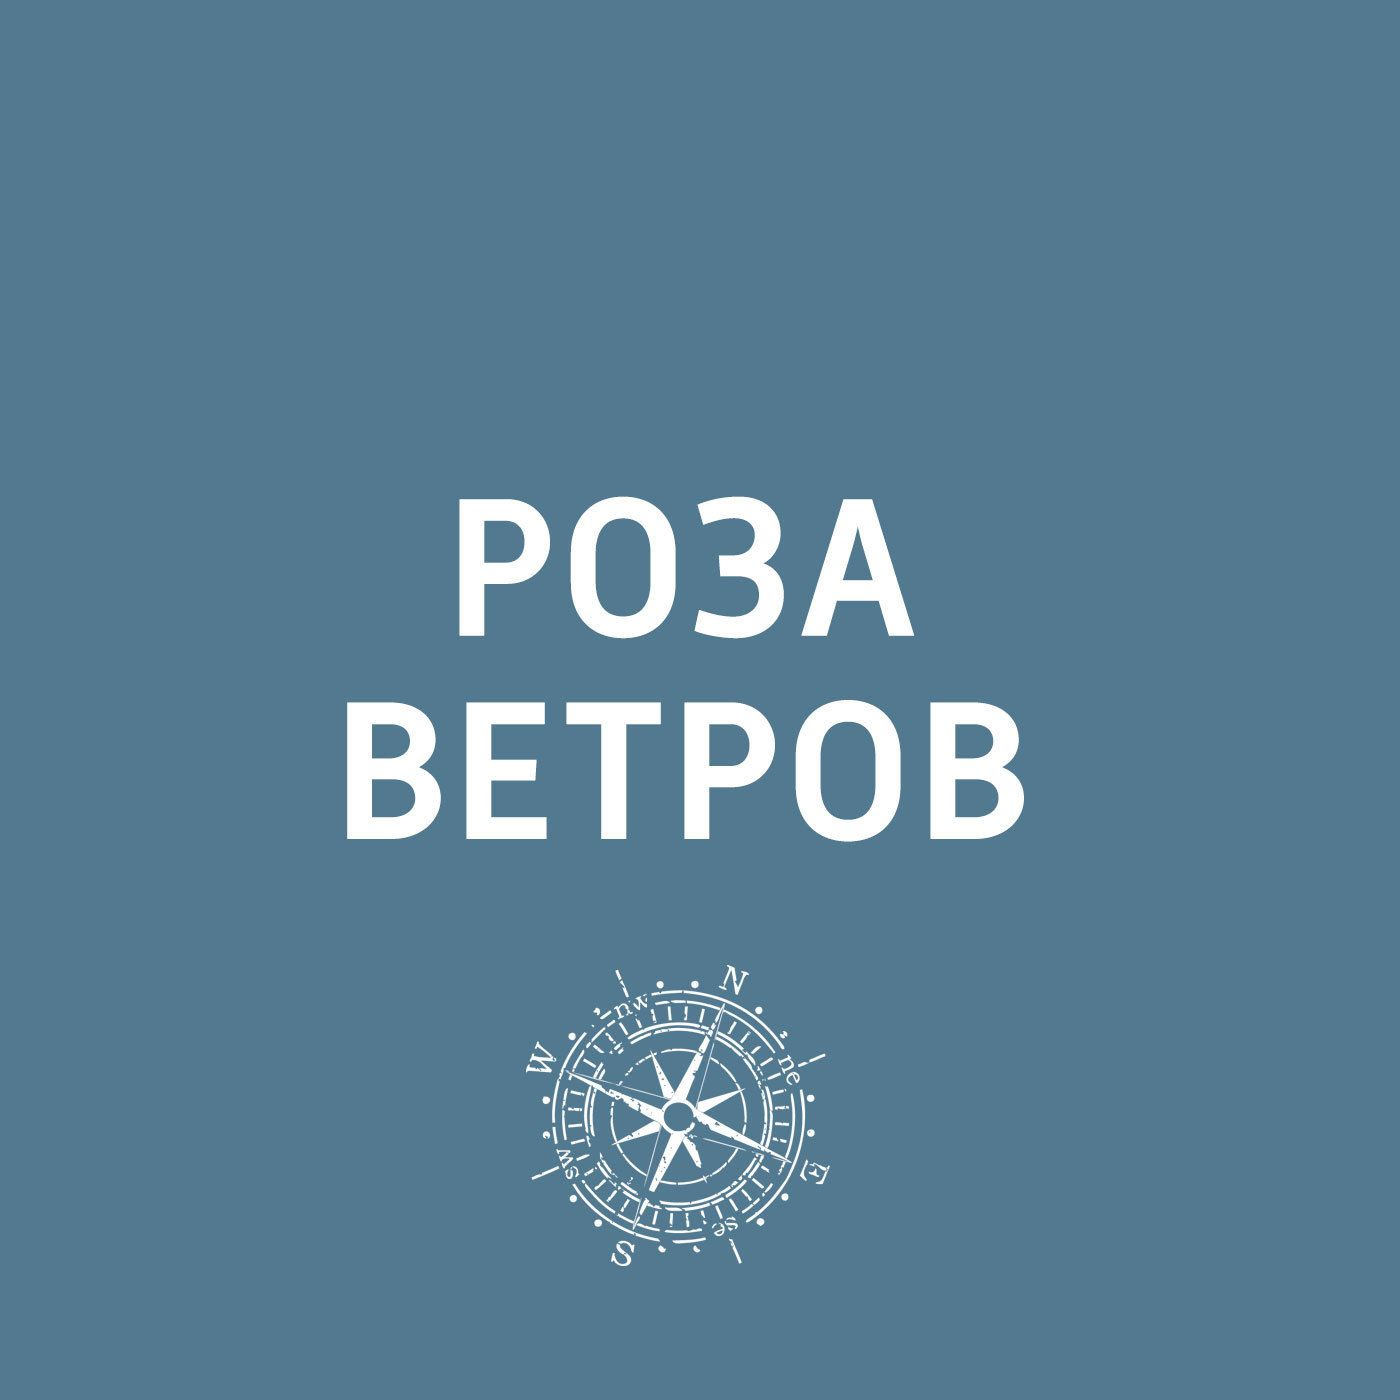 Творческий коллектив шоу «Уральские самоцветы» Ямал в марте впервые запустит туры с ночевкой в чуме и ездой на оленях туры s7